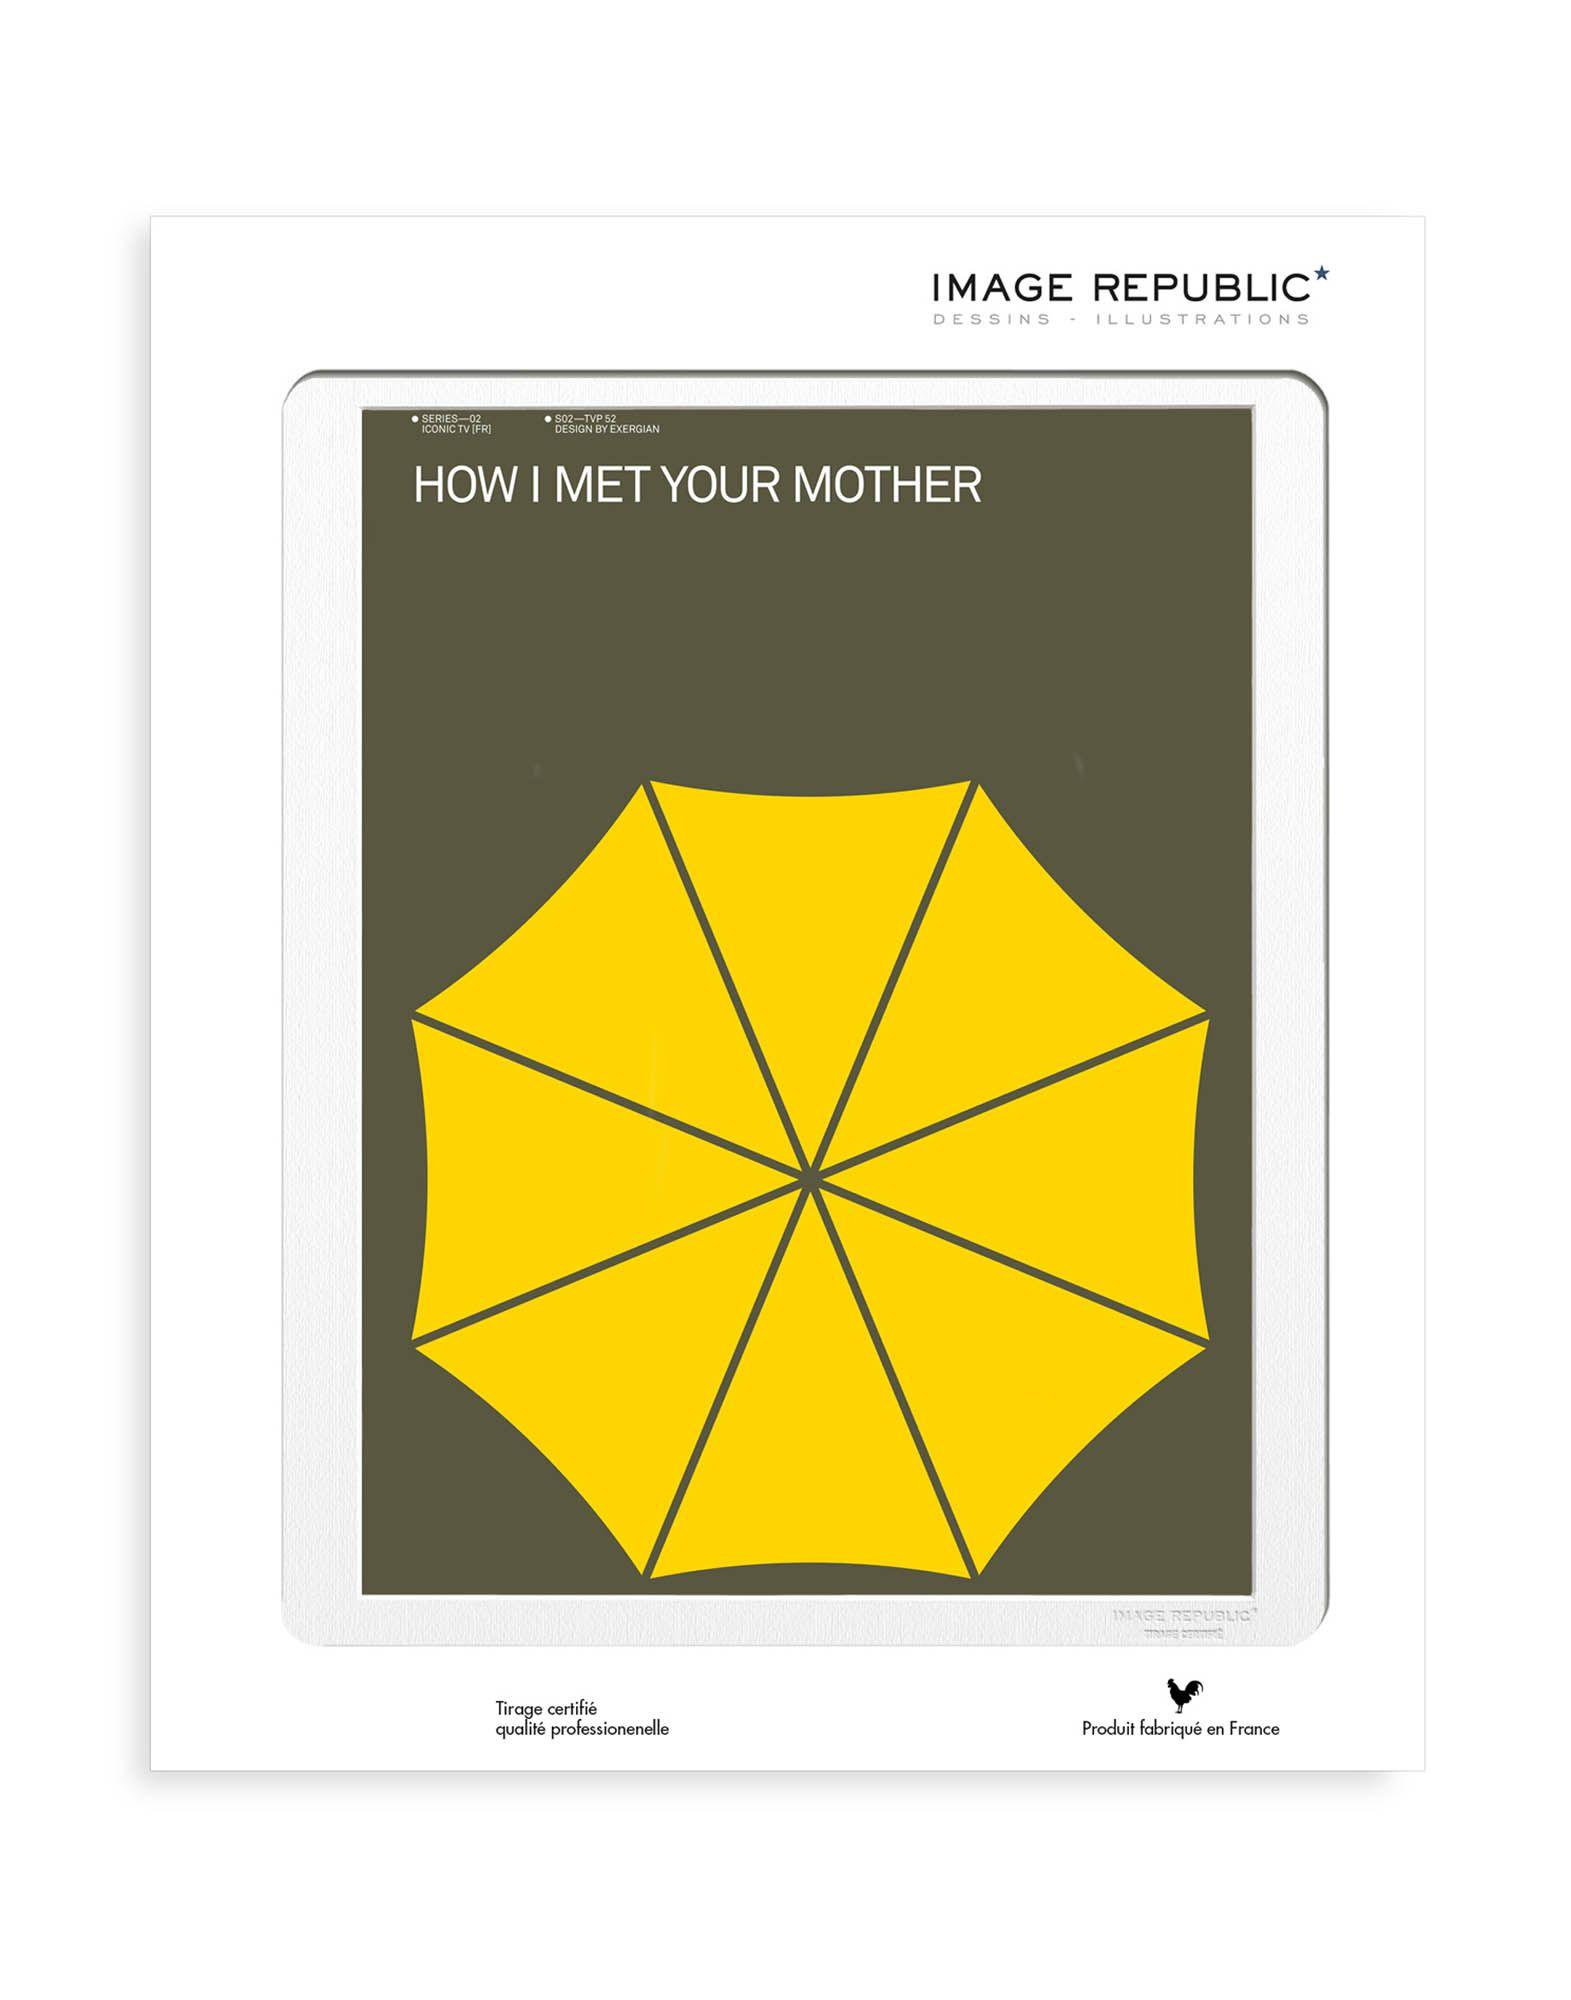 《送料無料》IMAGE REPUBLIC Unisex デコレーション (-) 指定外繊維(紙) How I met your mother